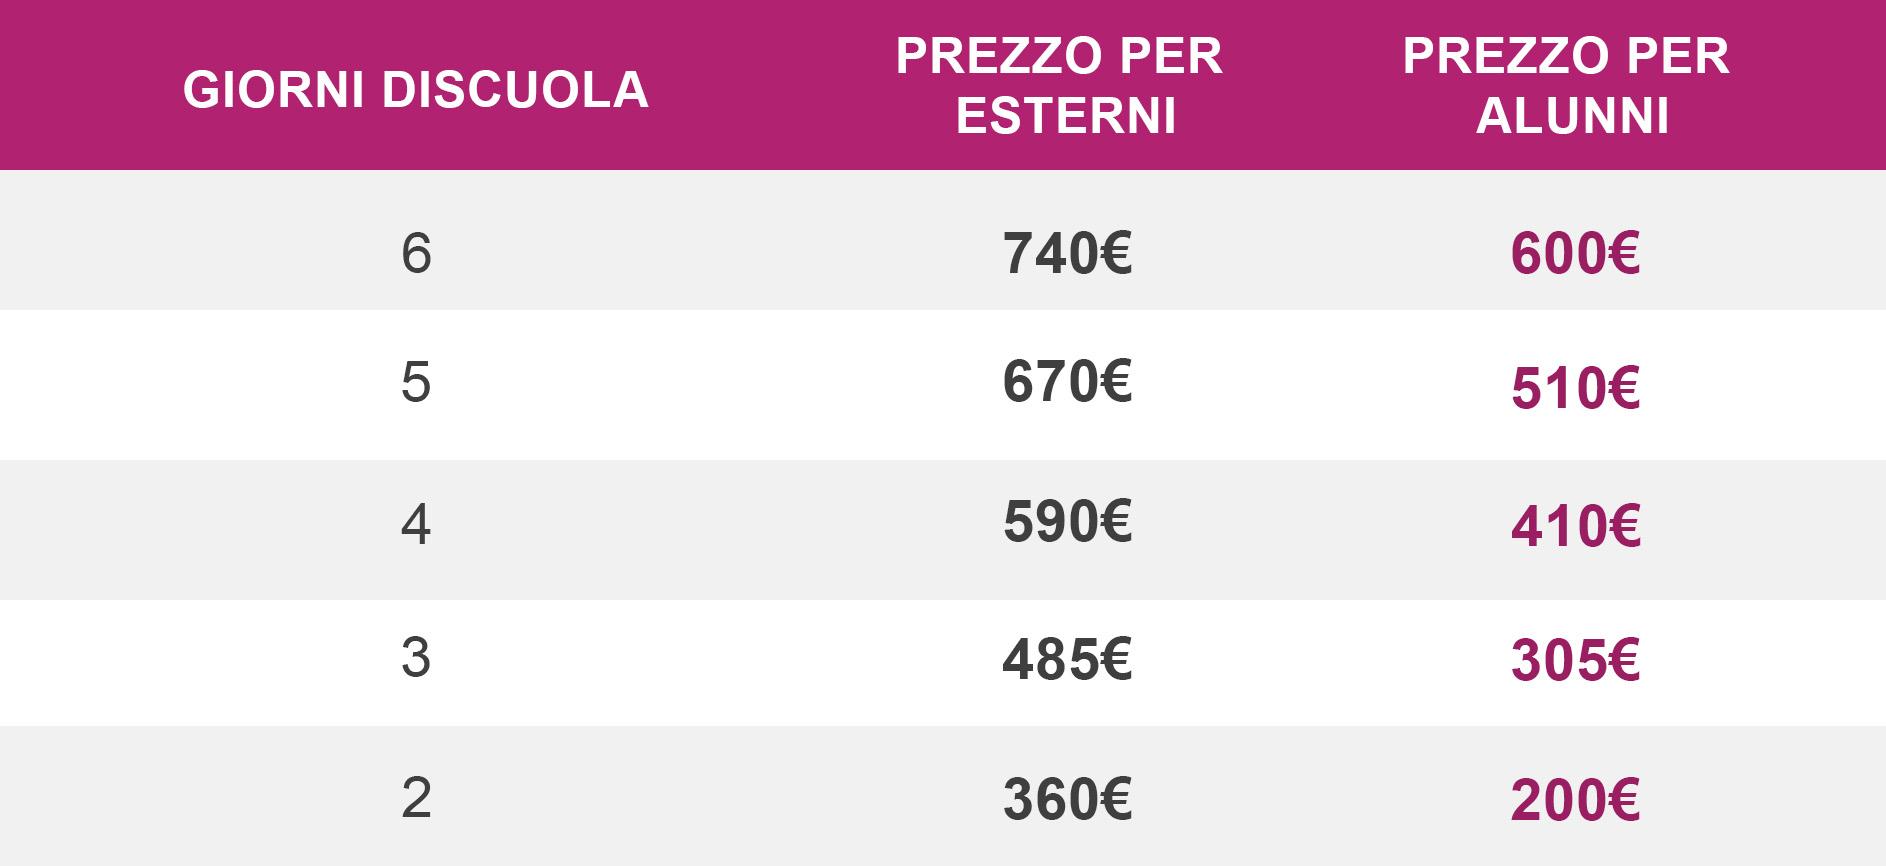 Prezzi Italia